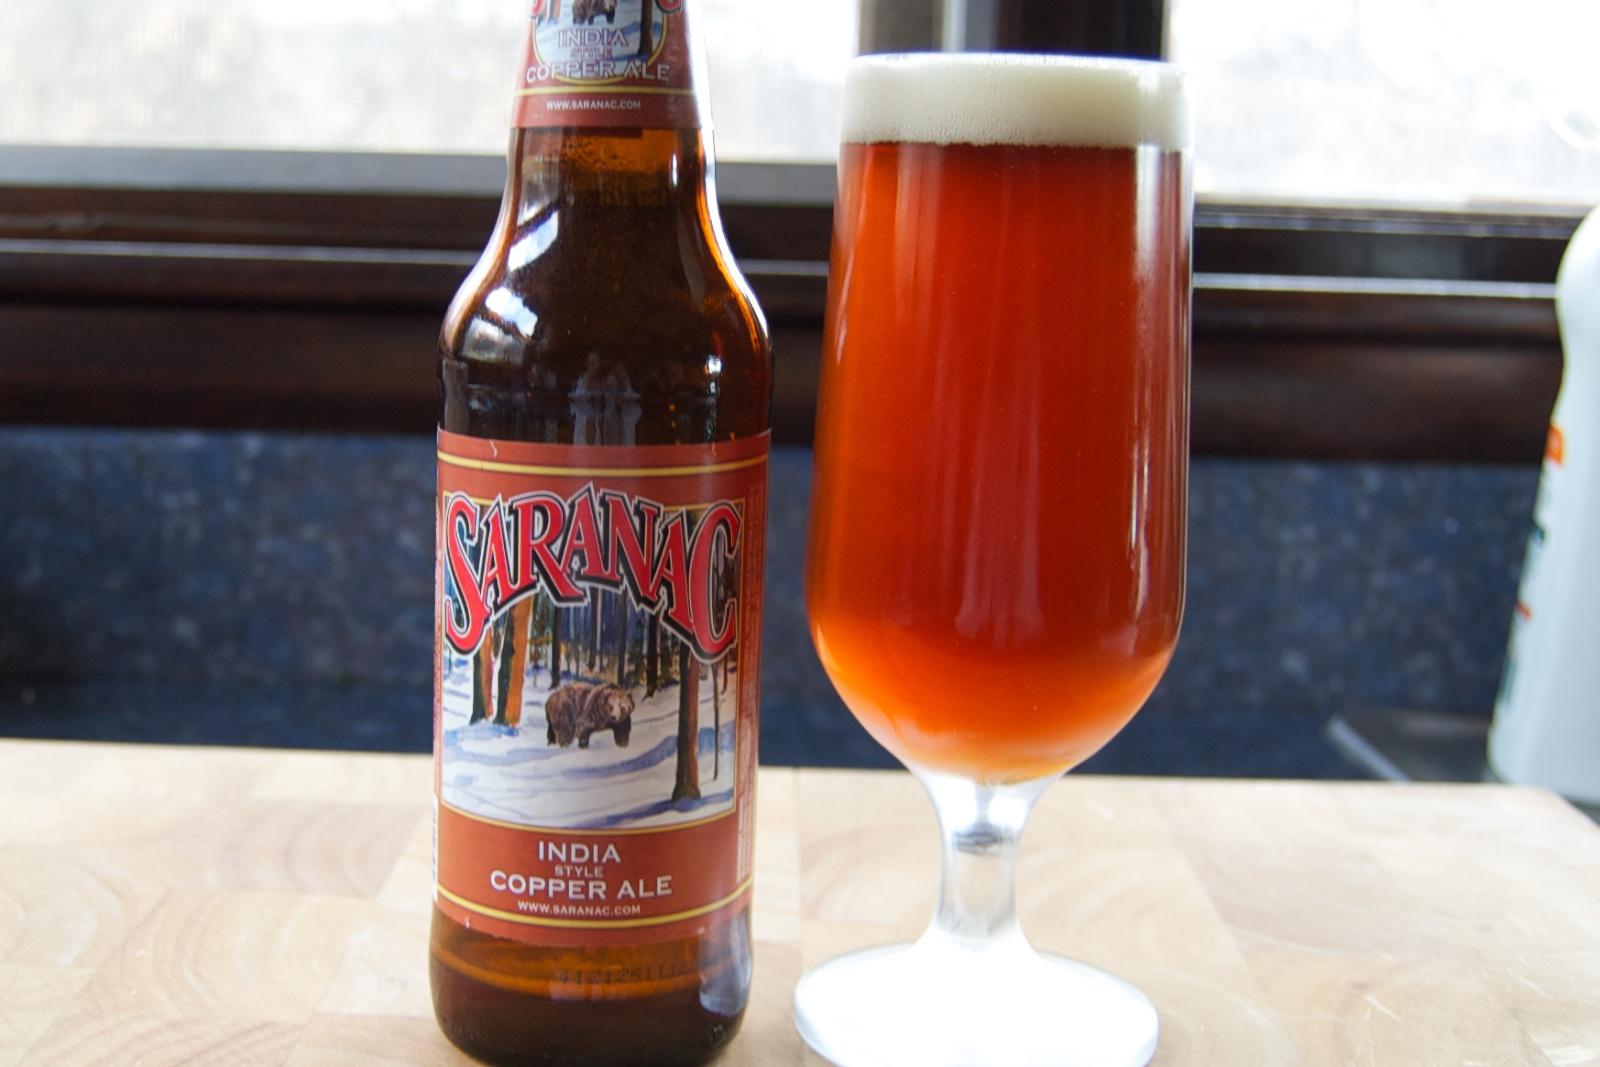 http://blog.rickk.com/food/2012/01/18/ate.2012.01.18.e1.jpg